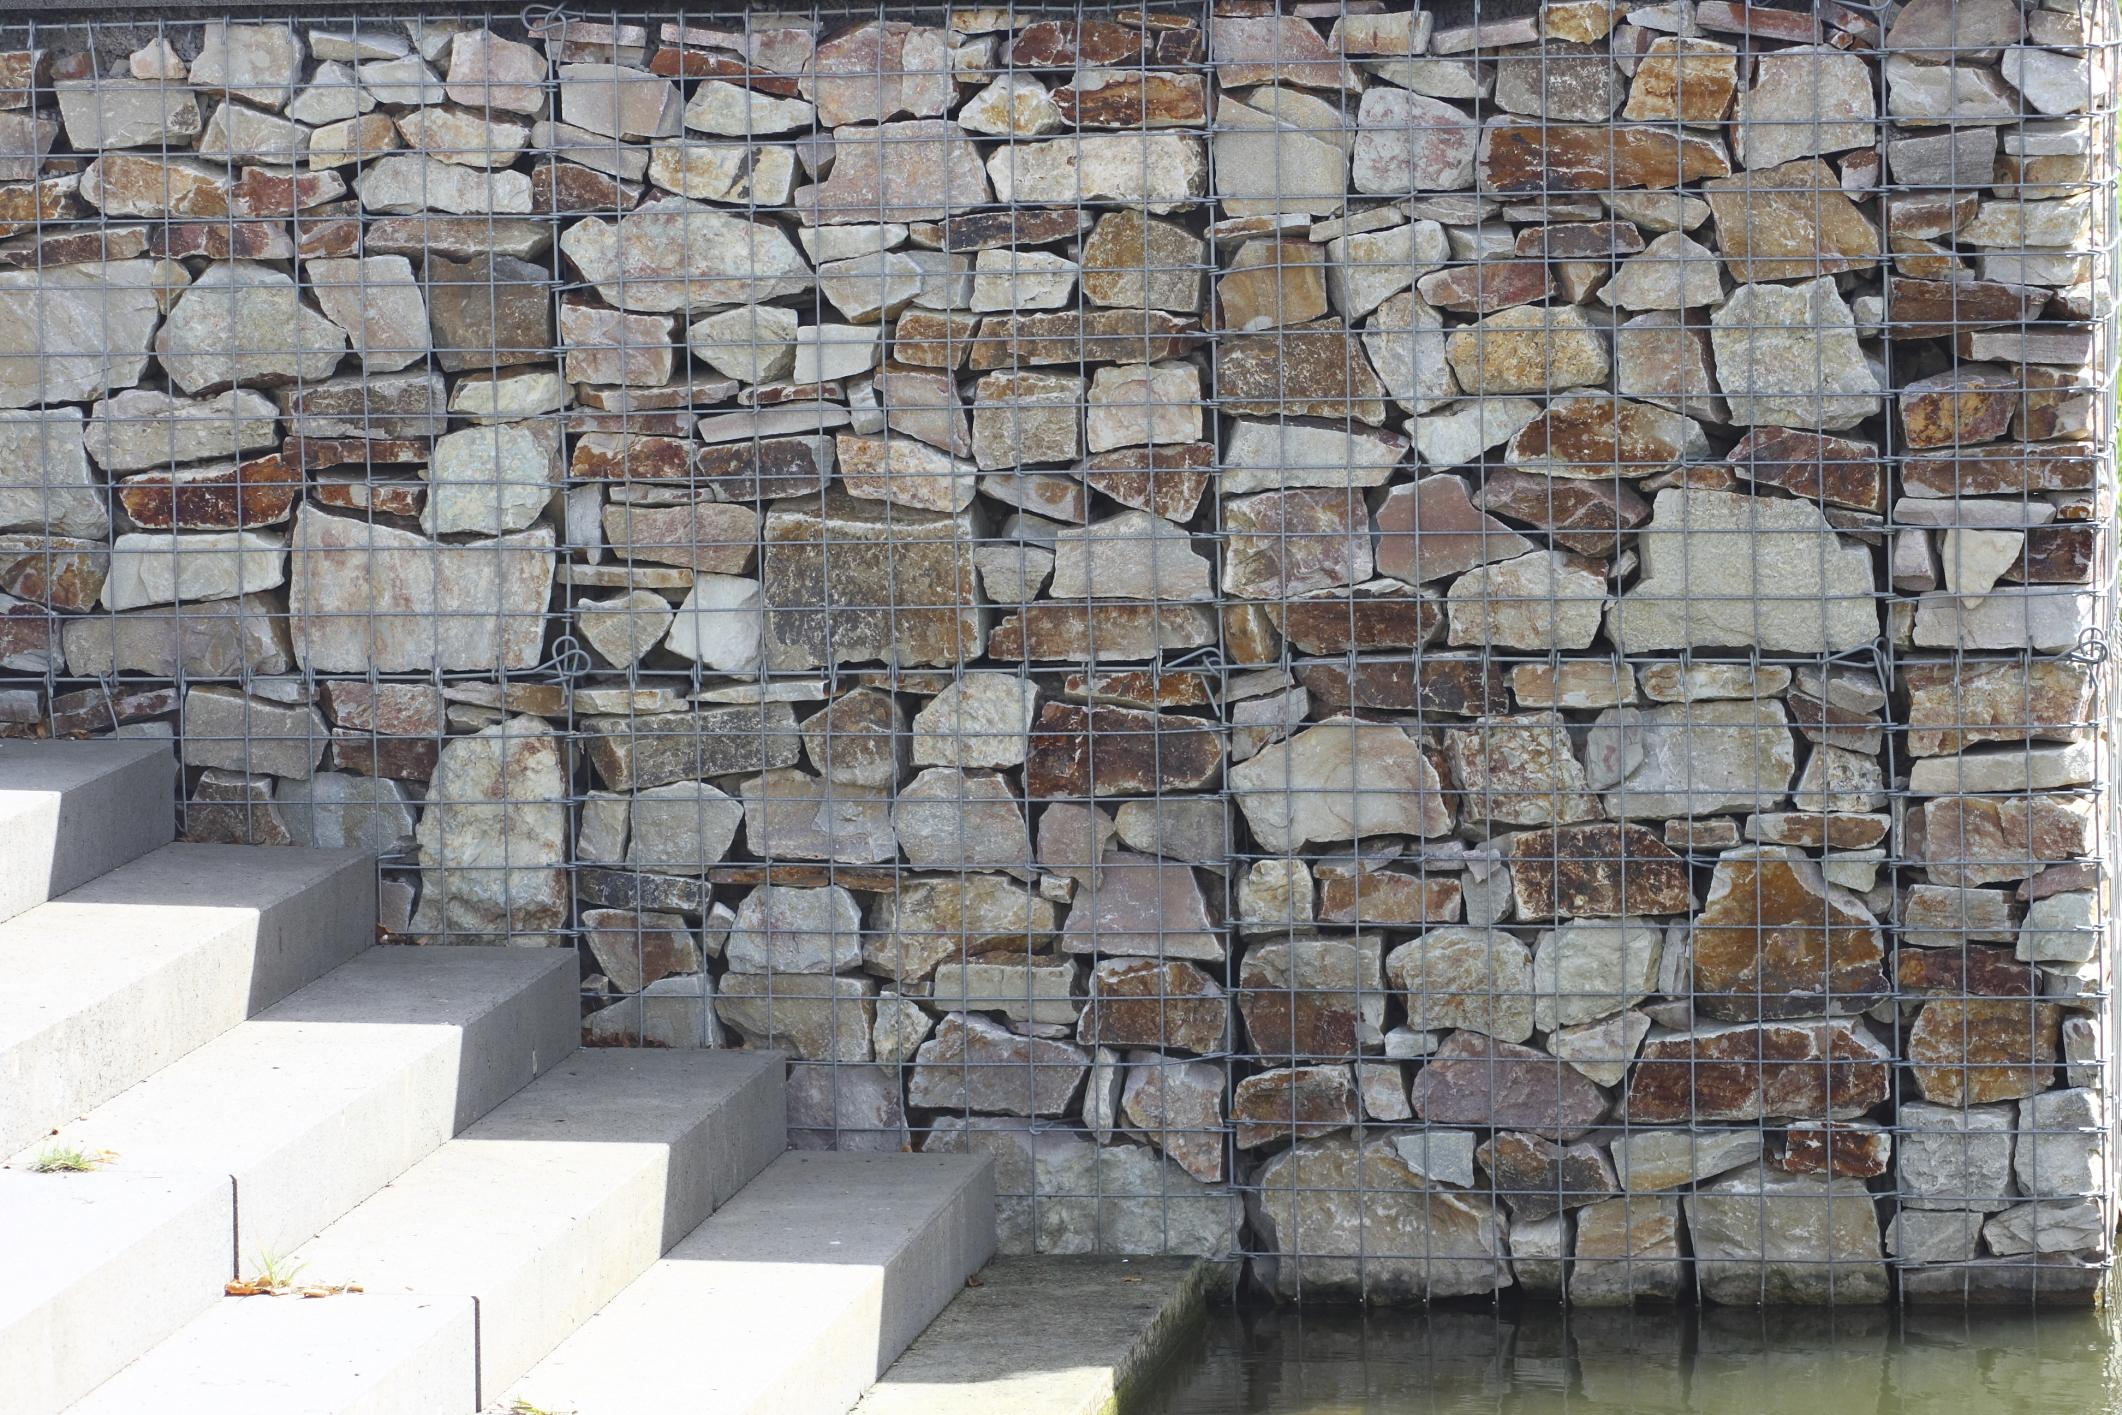 Full Size of Trennwand Garten Holz Sichtschutz Metall Glas Ikea Bauhaus Obi Wpc Stein Anthrazit Kaufen Rost Selber Bauen Kunststoff Hornbach Schweiz Gabionenwand Garten Trennwand Garten